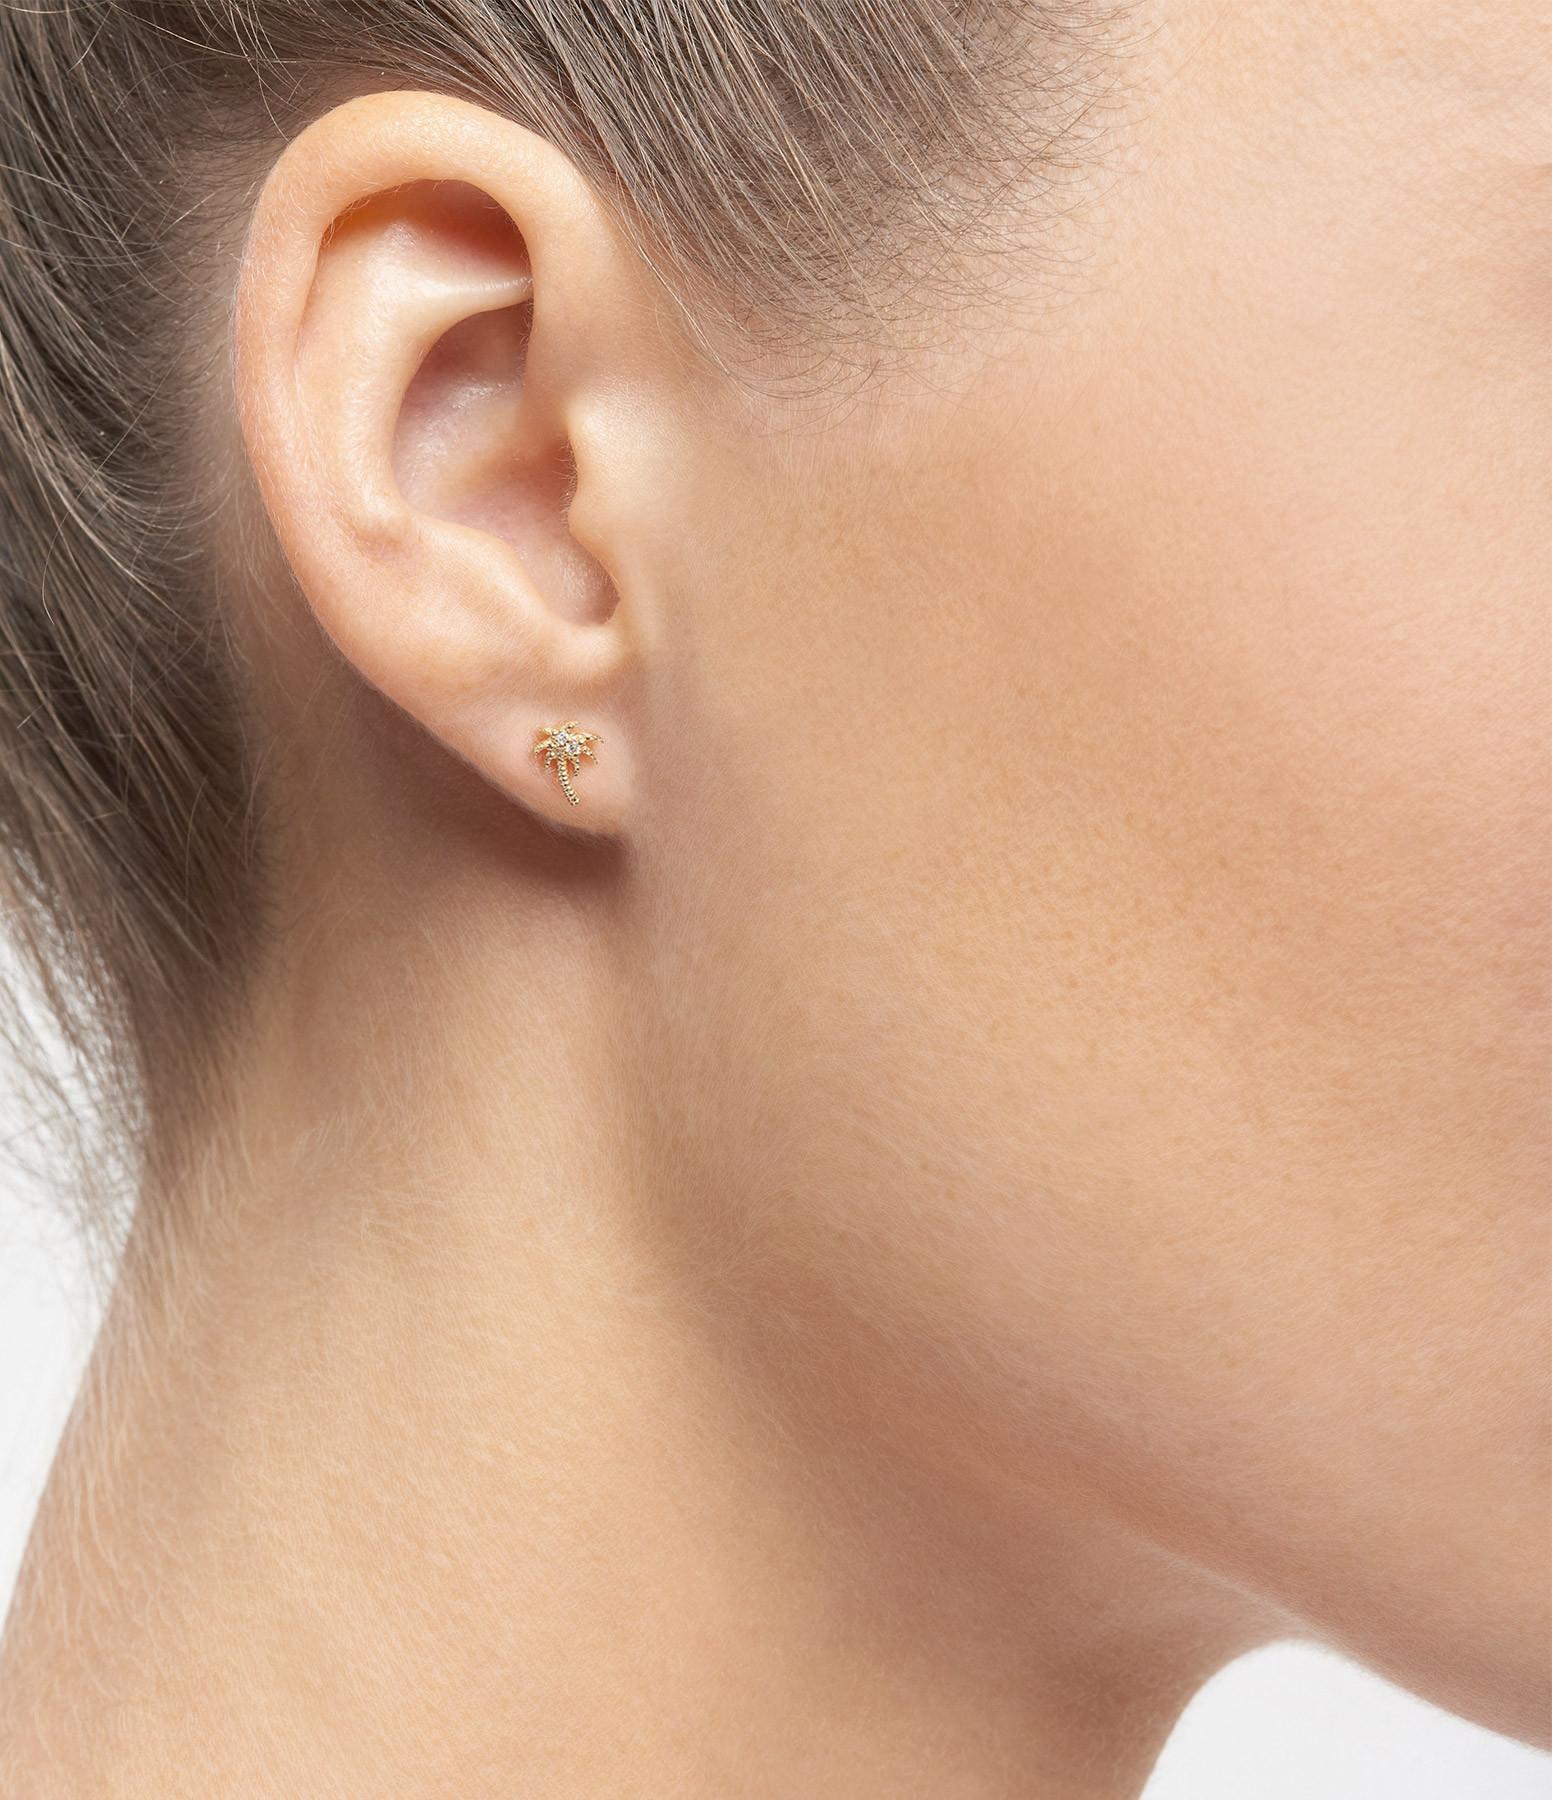 AND...PARIS - Boucle d'oreille Palmier Diamants Or (vendue à l'unité)